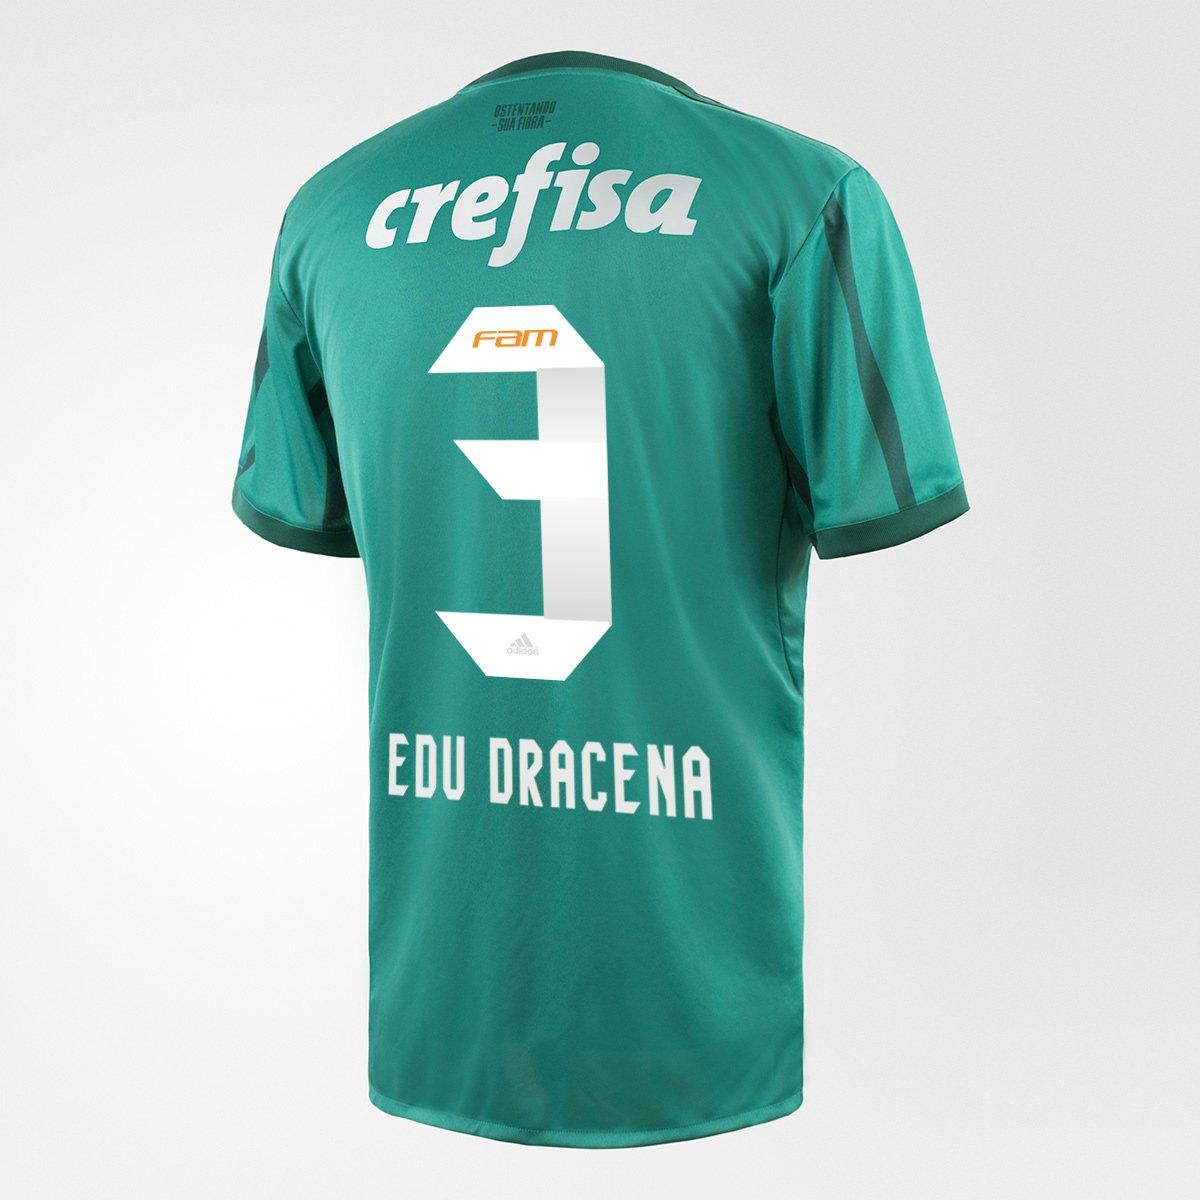 Camisa Palmeiras SP I 17 18 N° 3 - Edu Dracena Adidas Masculina - Compre  Agora  d7b4d8f96a83f